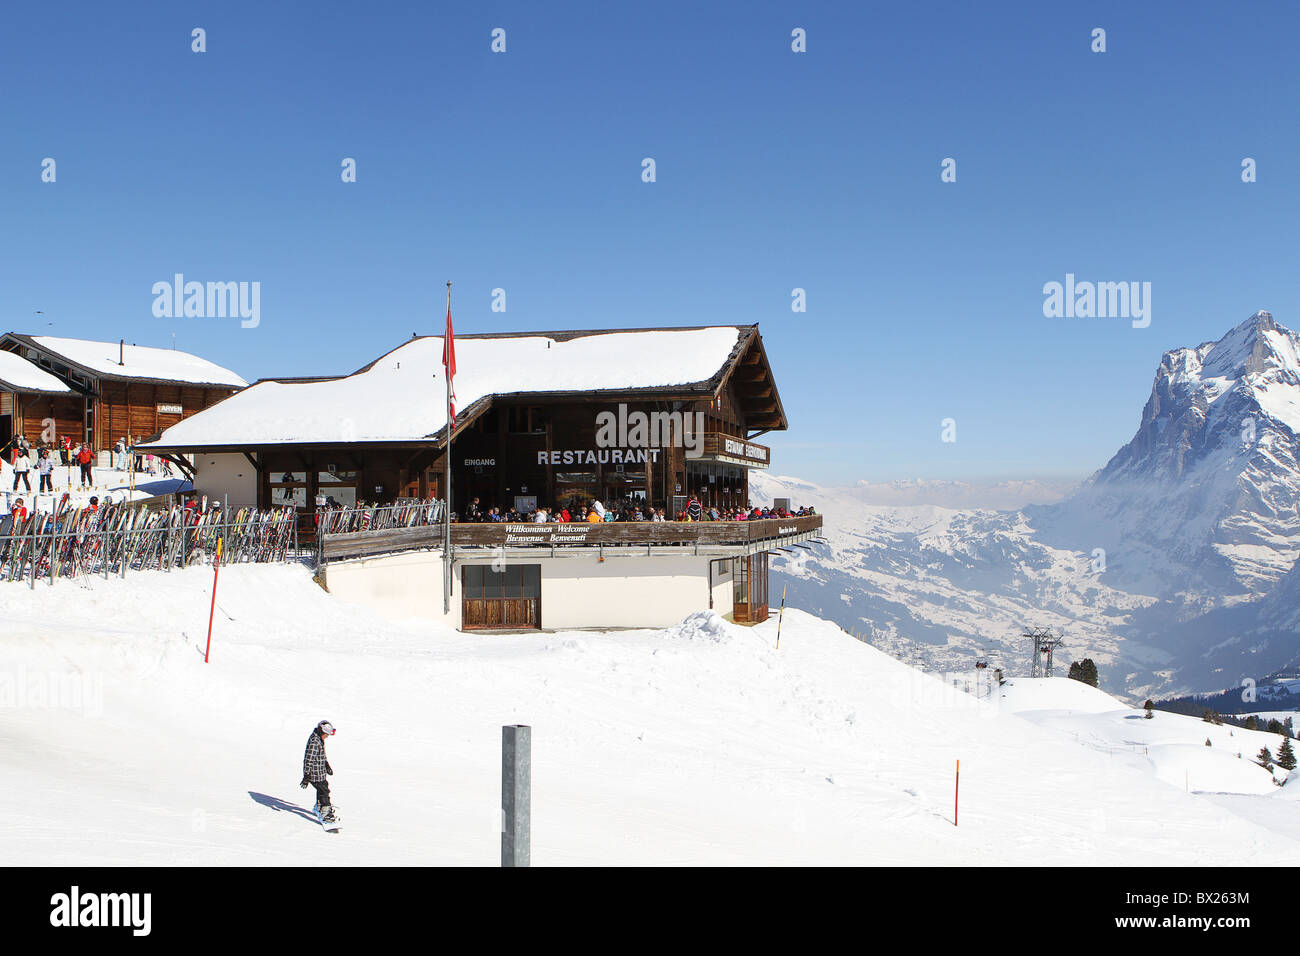 Kleine Scheidegg, Switzerland. Restaurants and chalet buildings - Stock Image